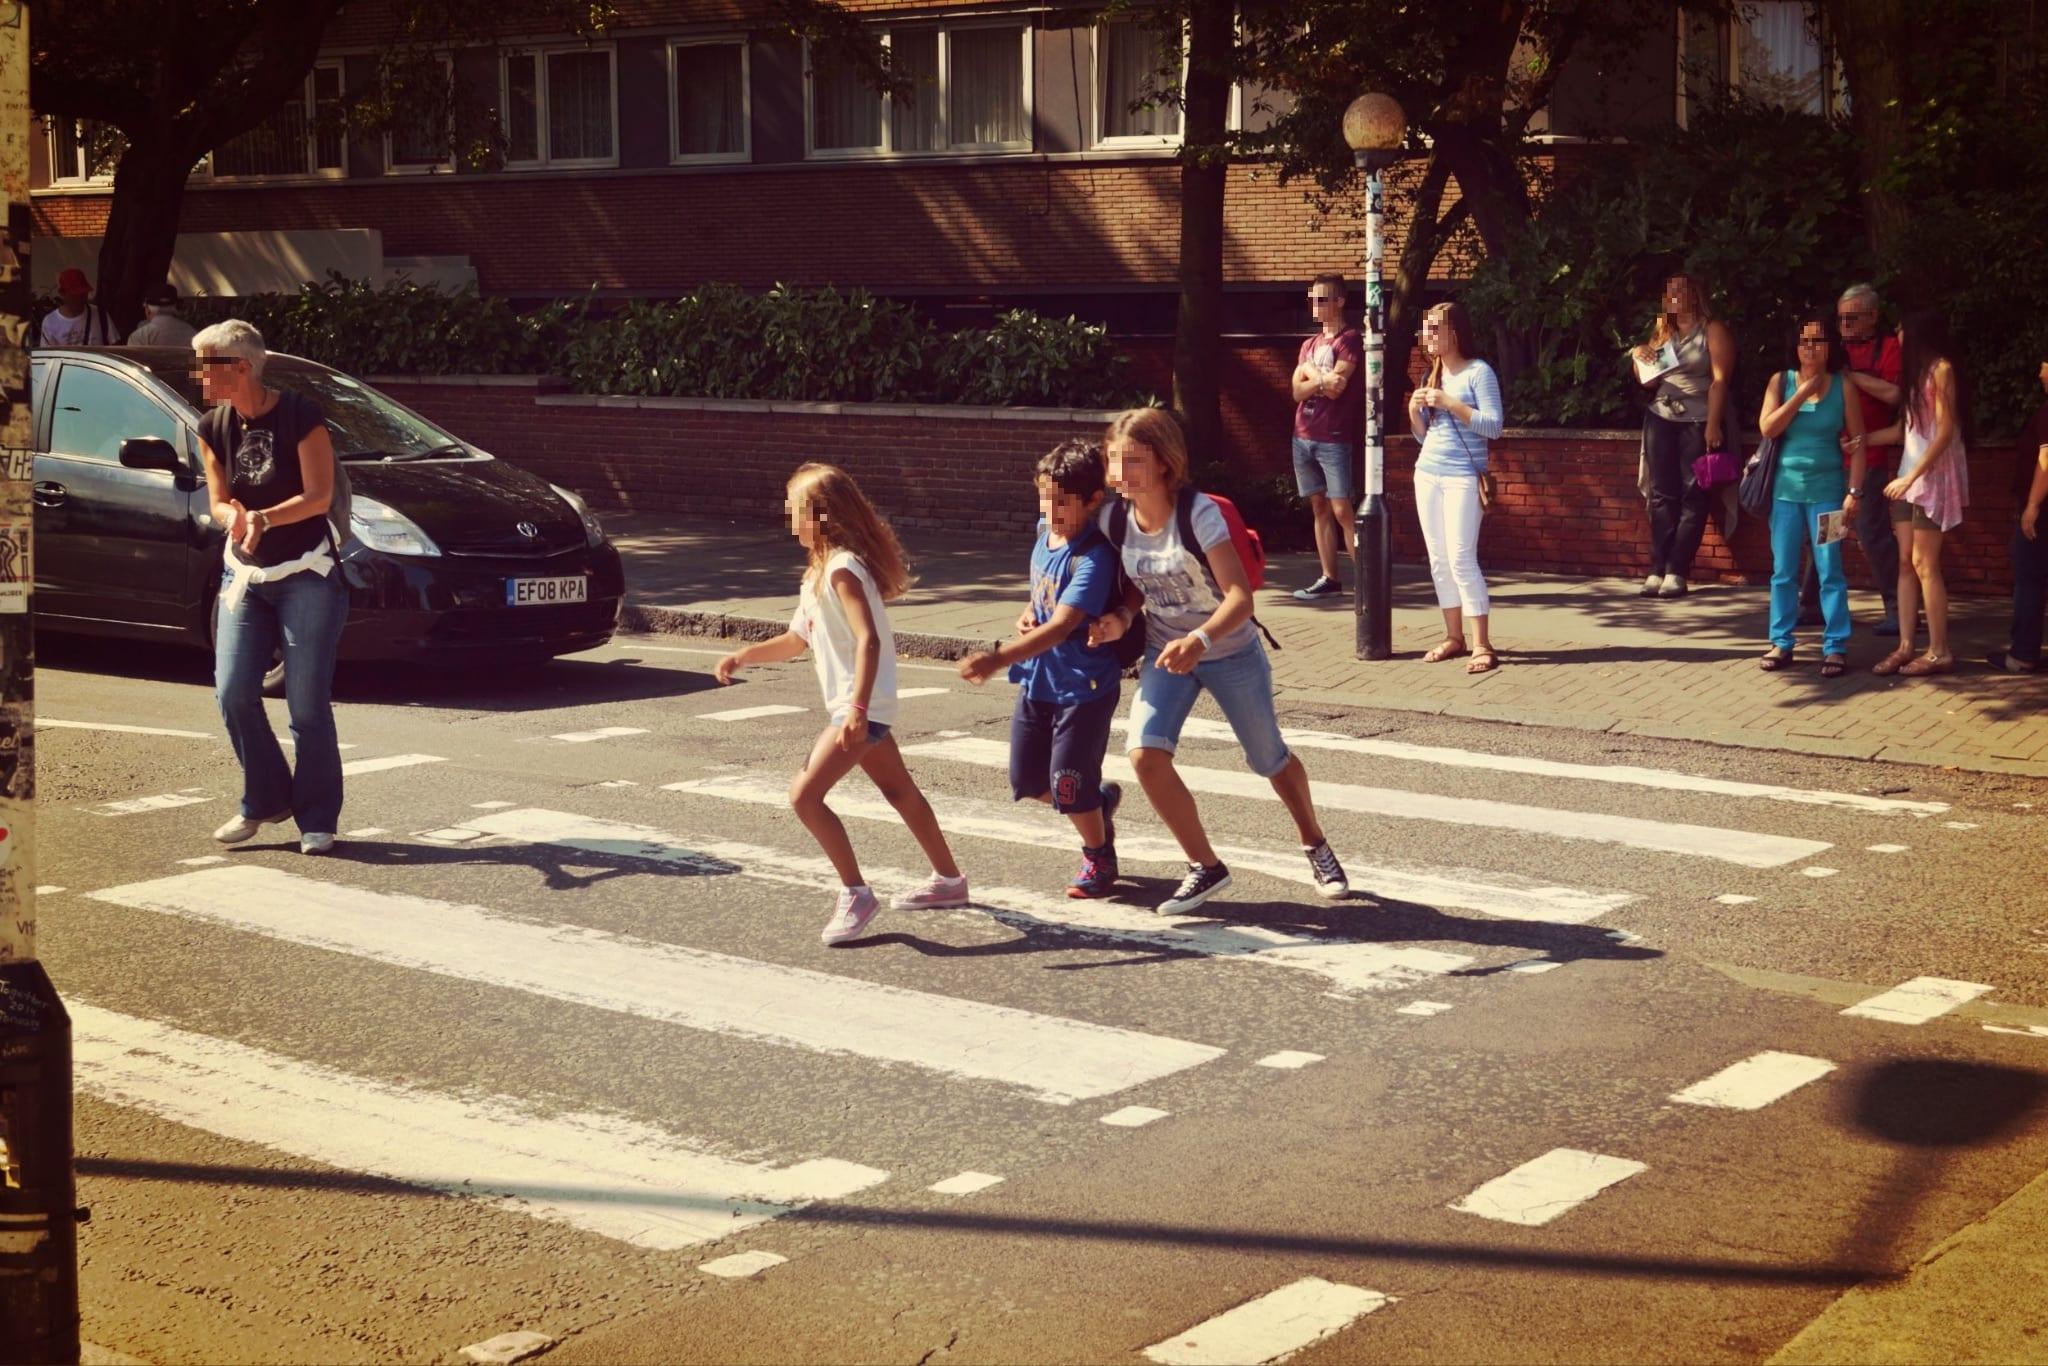 Das Abbey-Road-Crossing ist beliebt bei jung und alt